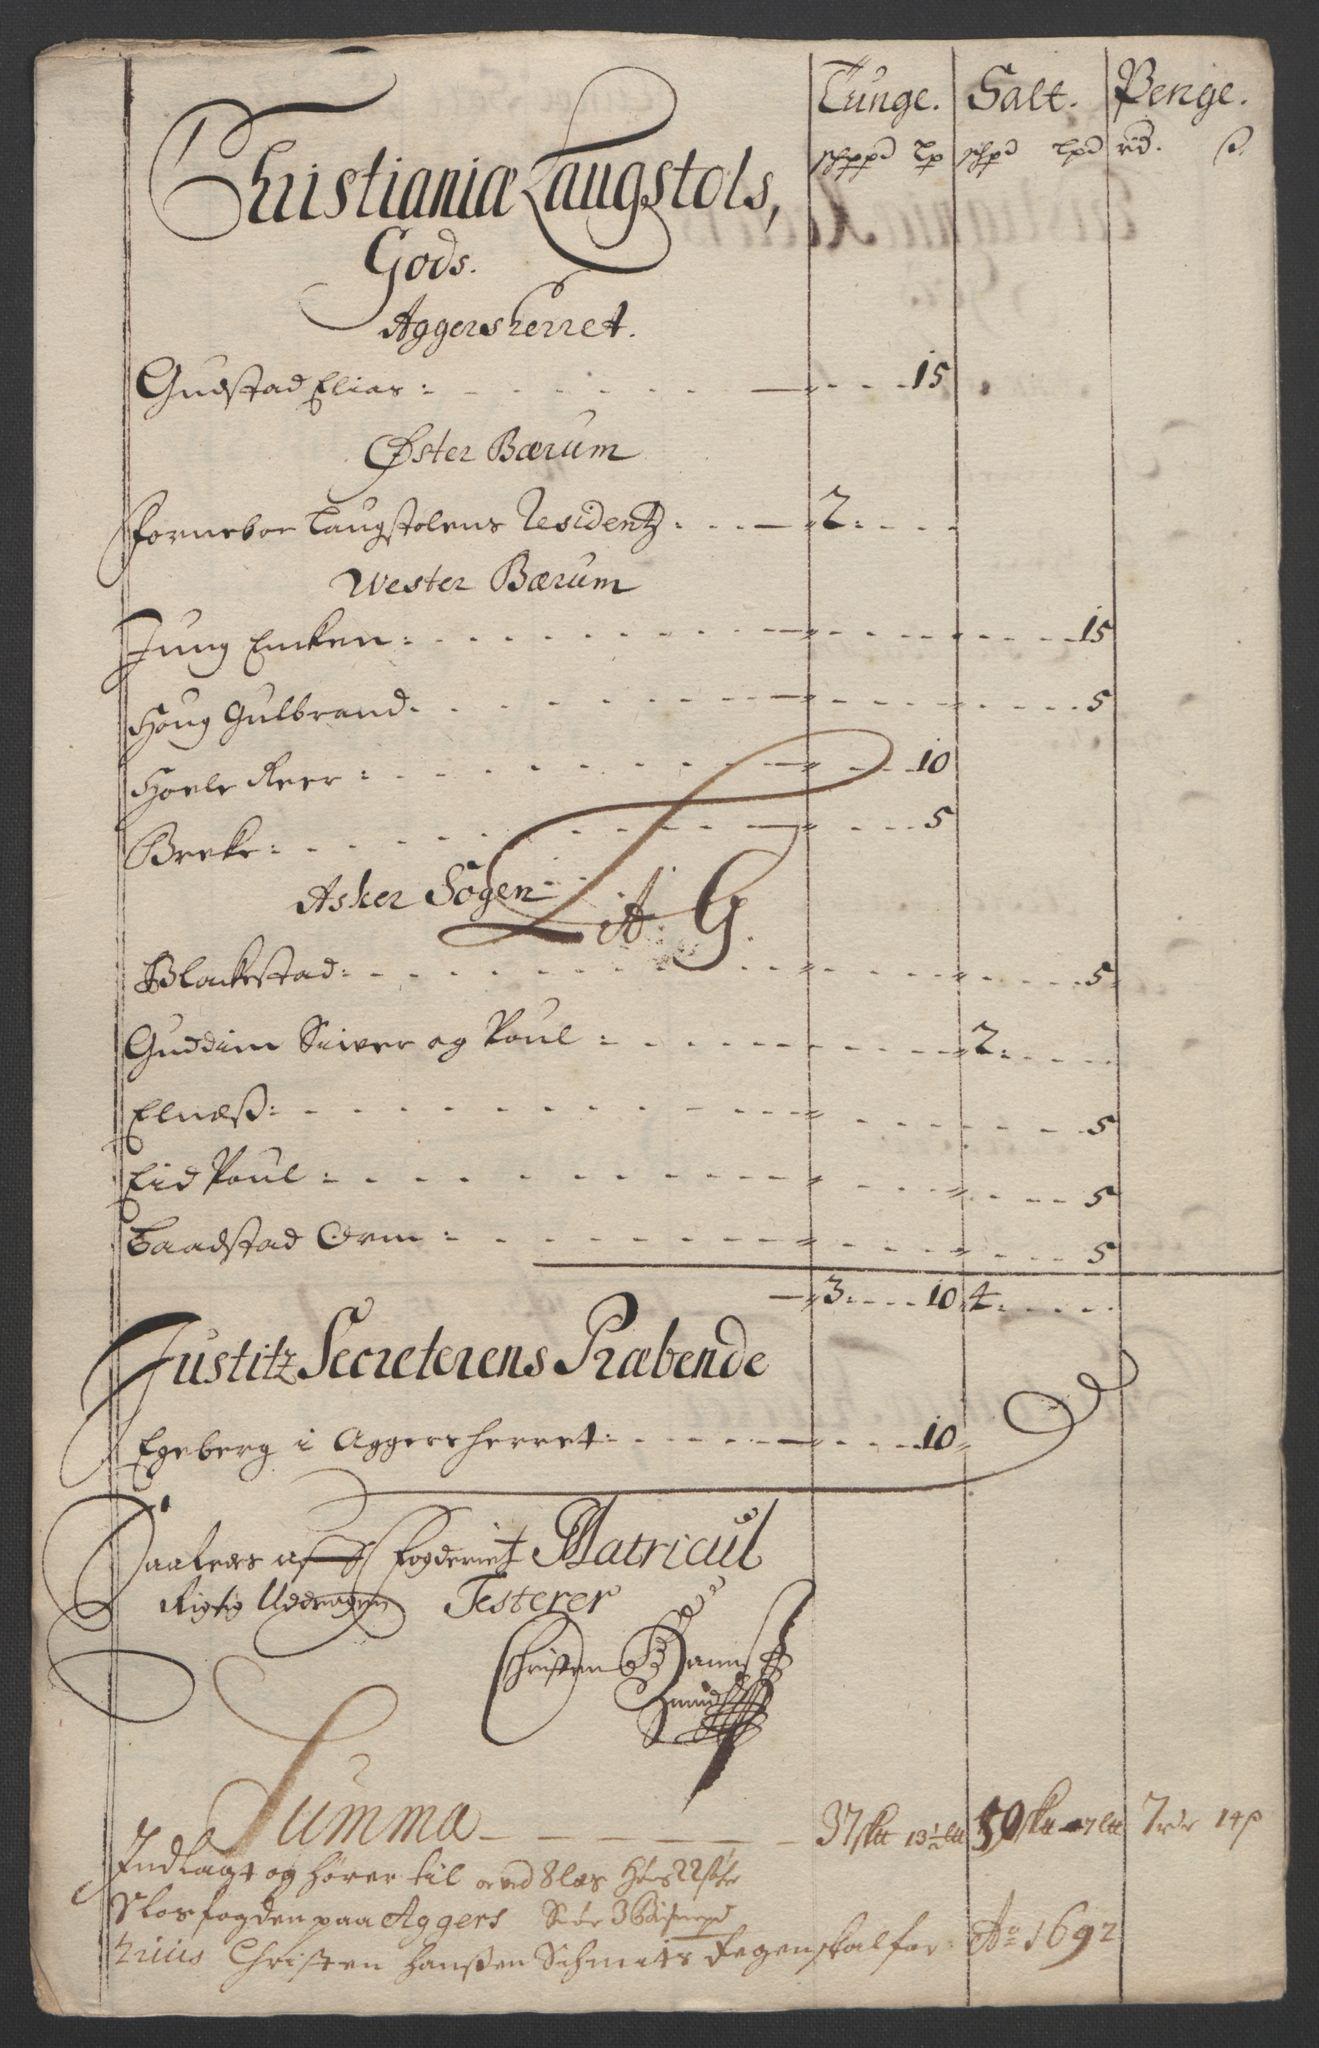 RA, Rentekammeret inntil 1814, Reviderte regnskaper, Fogderegnskap, R08/L0426: Fogderegnskap Aker, 1692-1693, s. 94